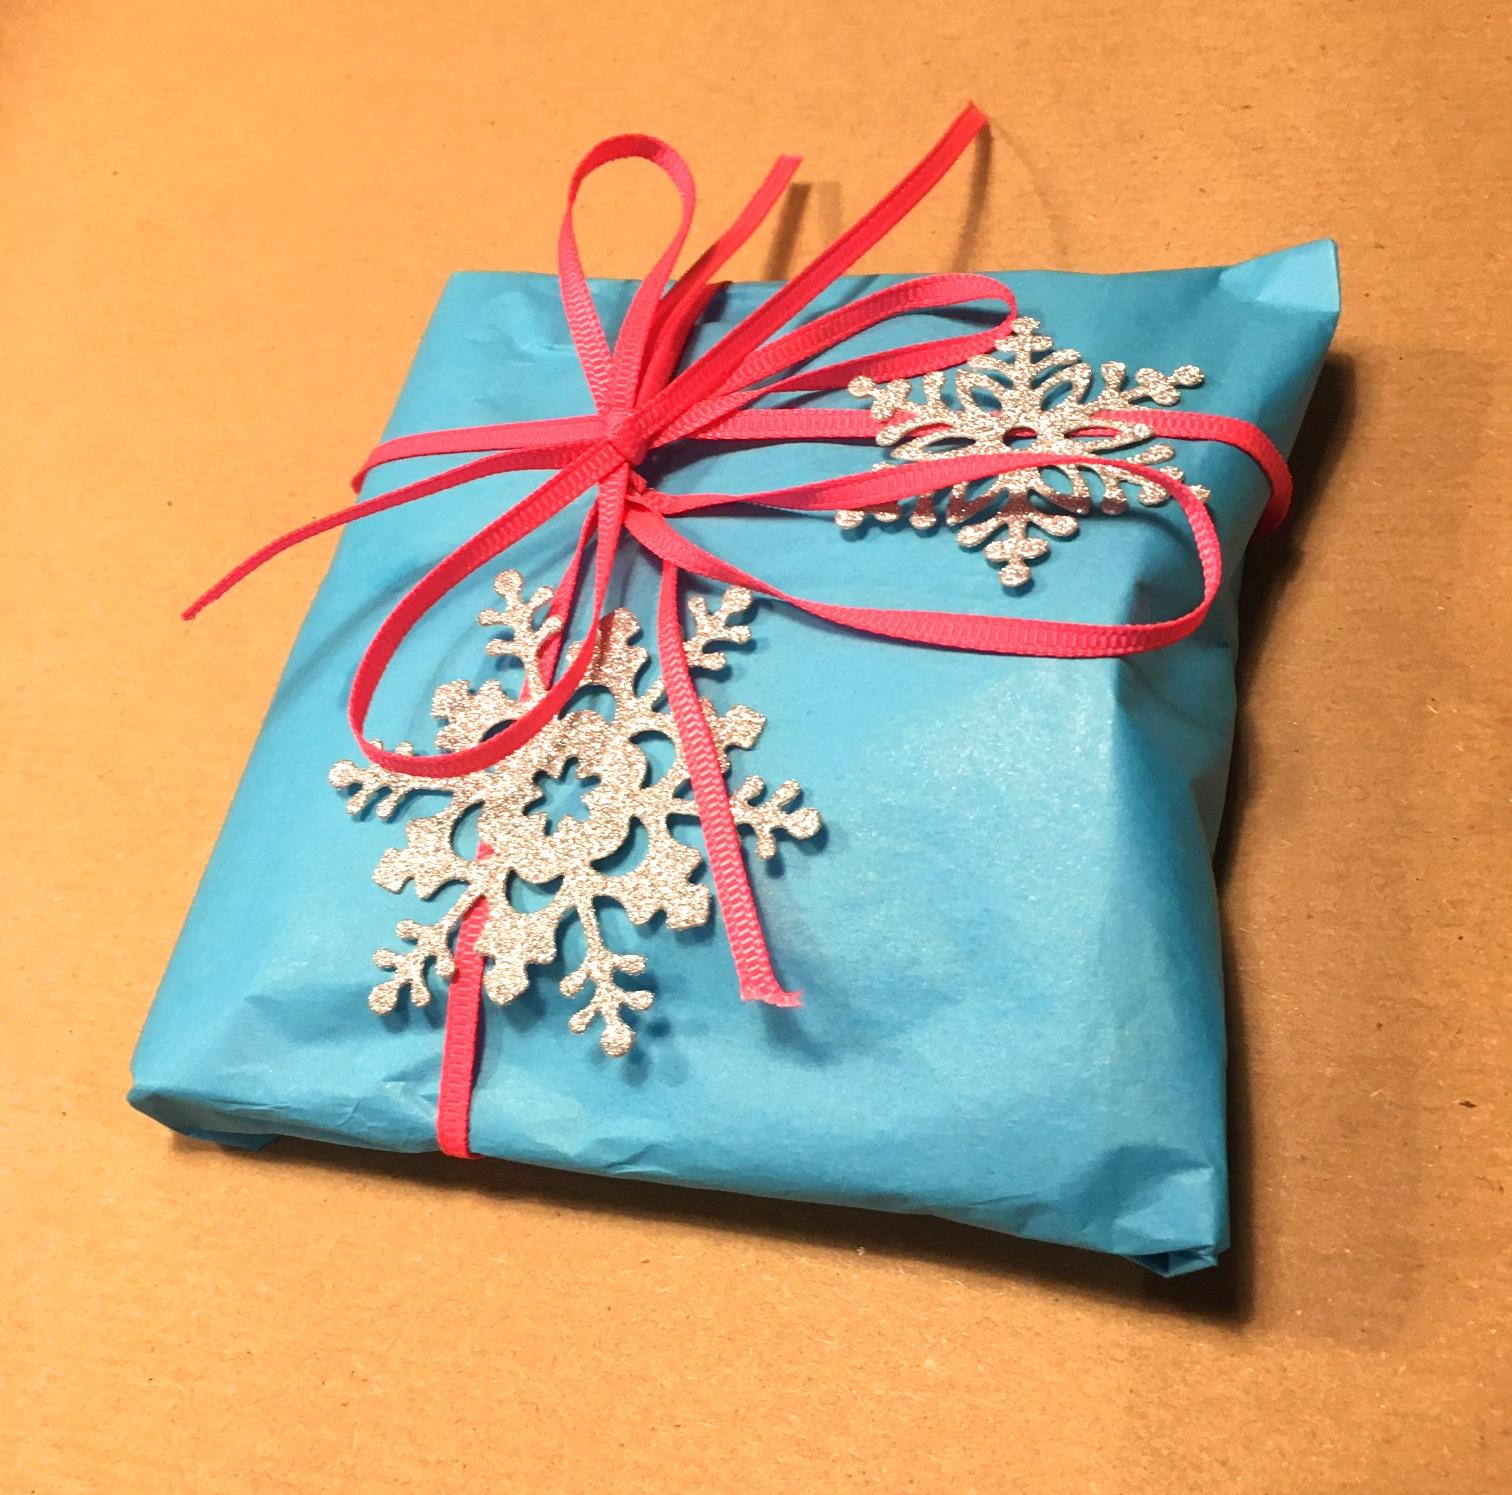 Lille pakke med iskrystaller